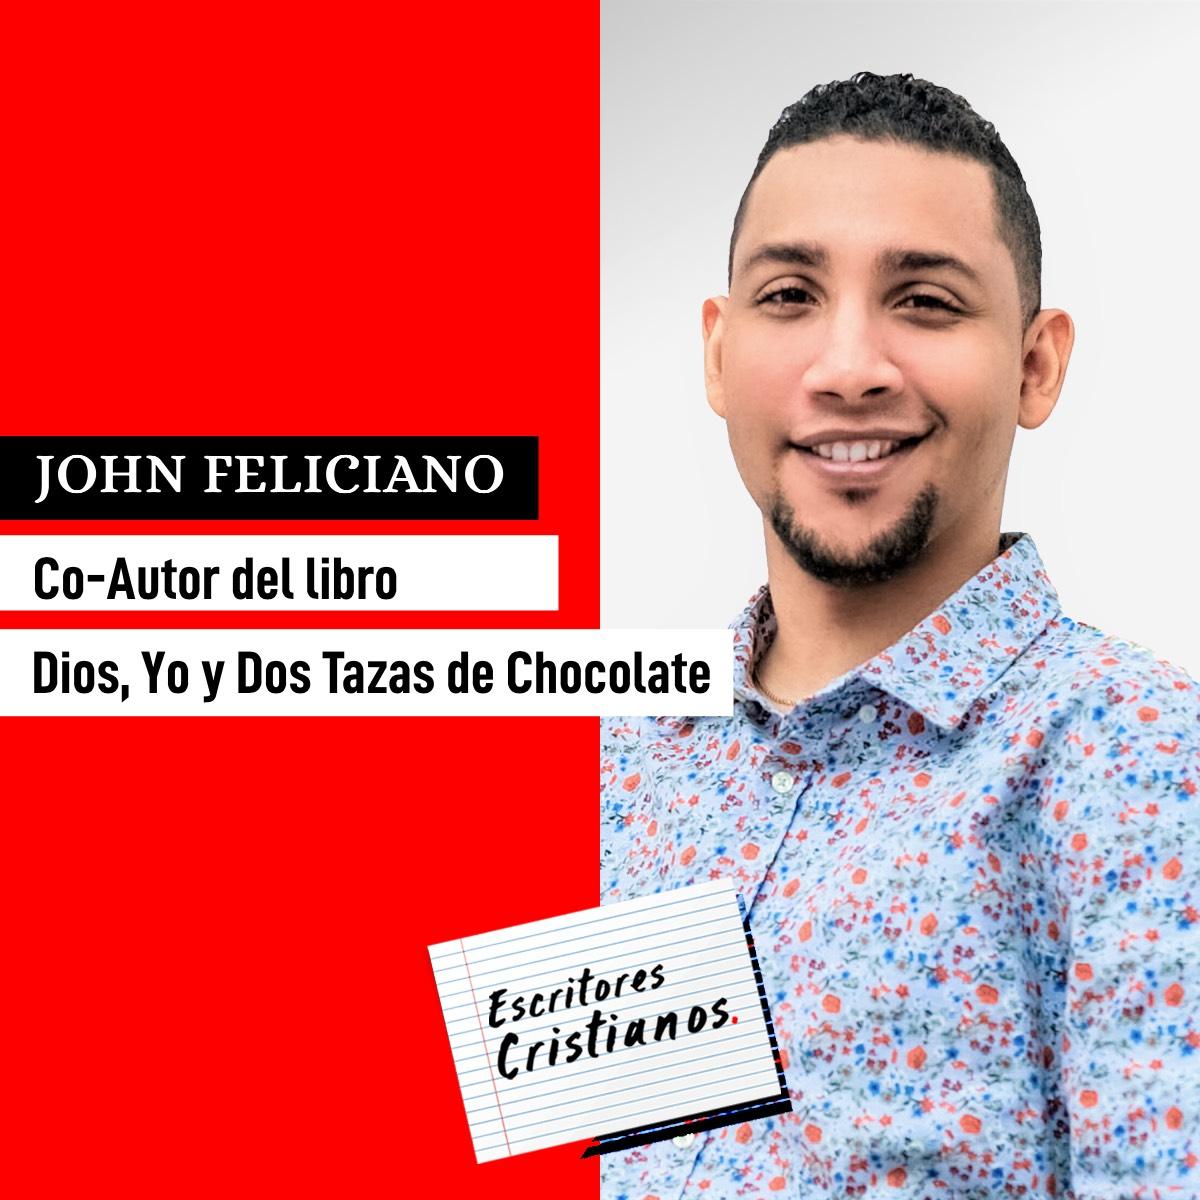 John Feliciano, Dios, yo y dos tazas dechocolate